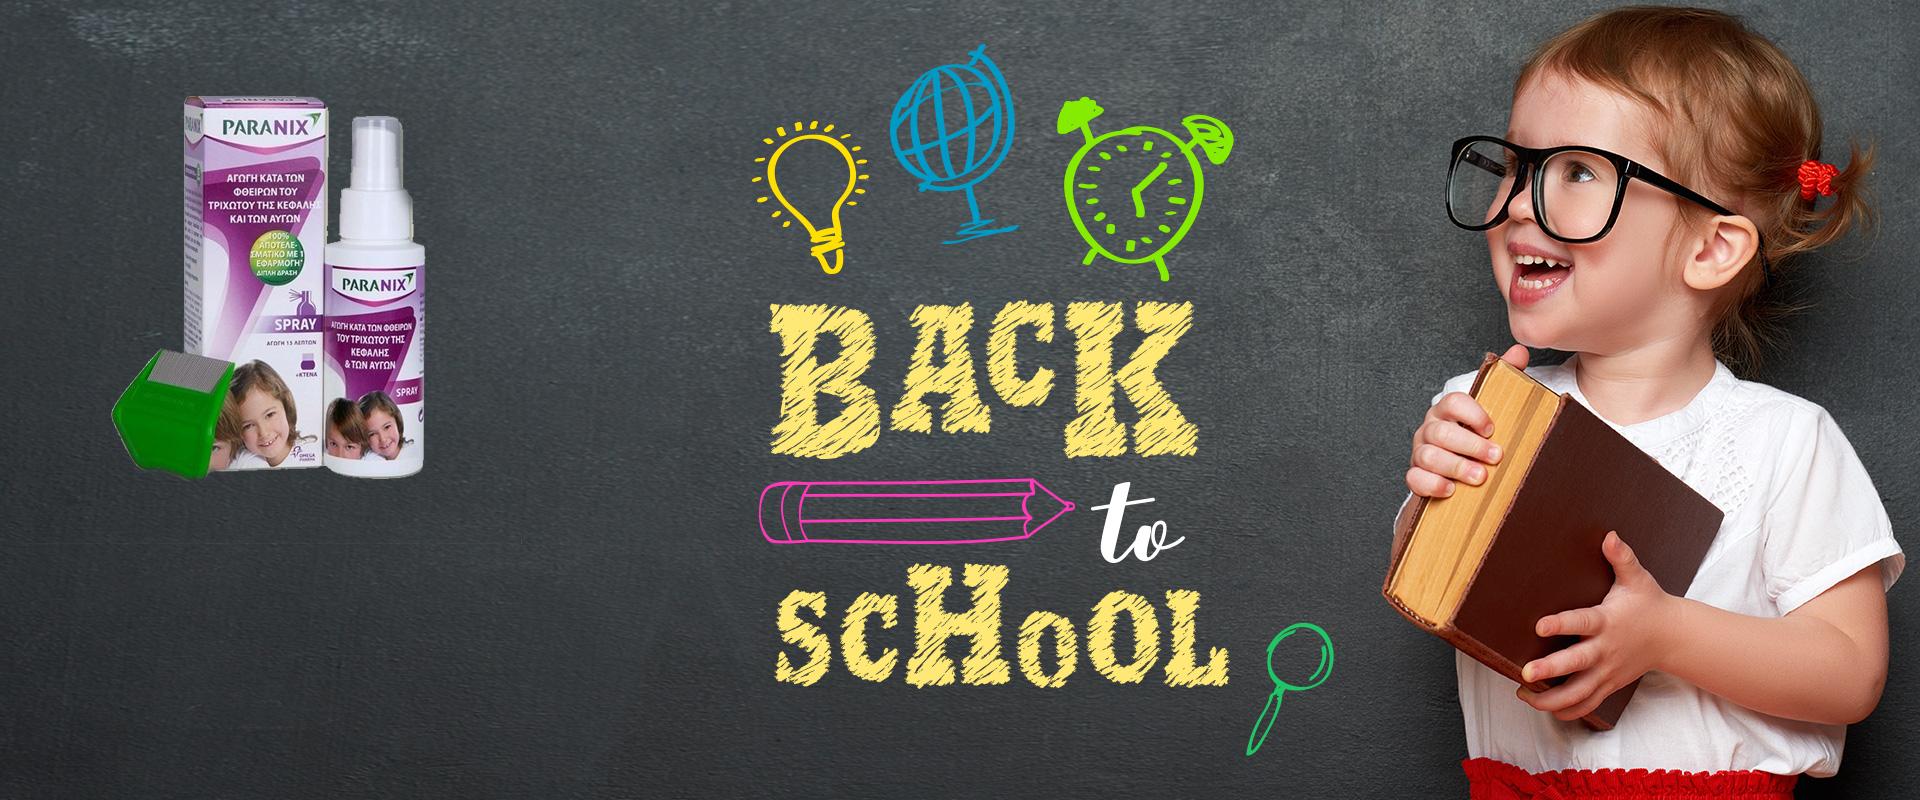 Βack to School Time